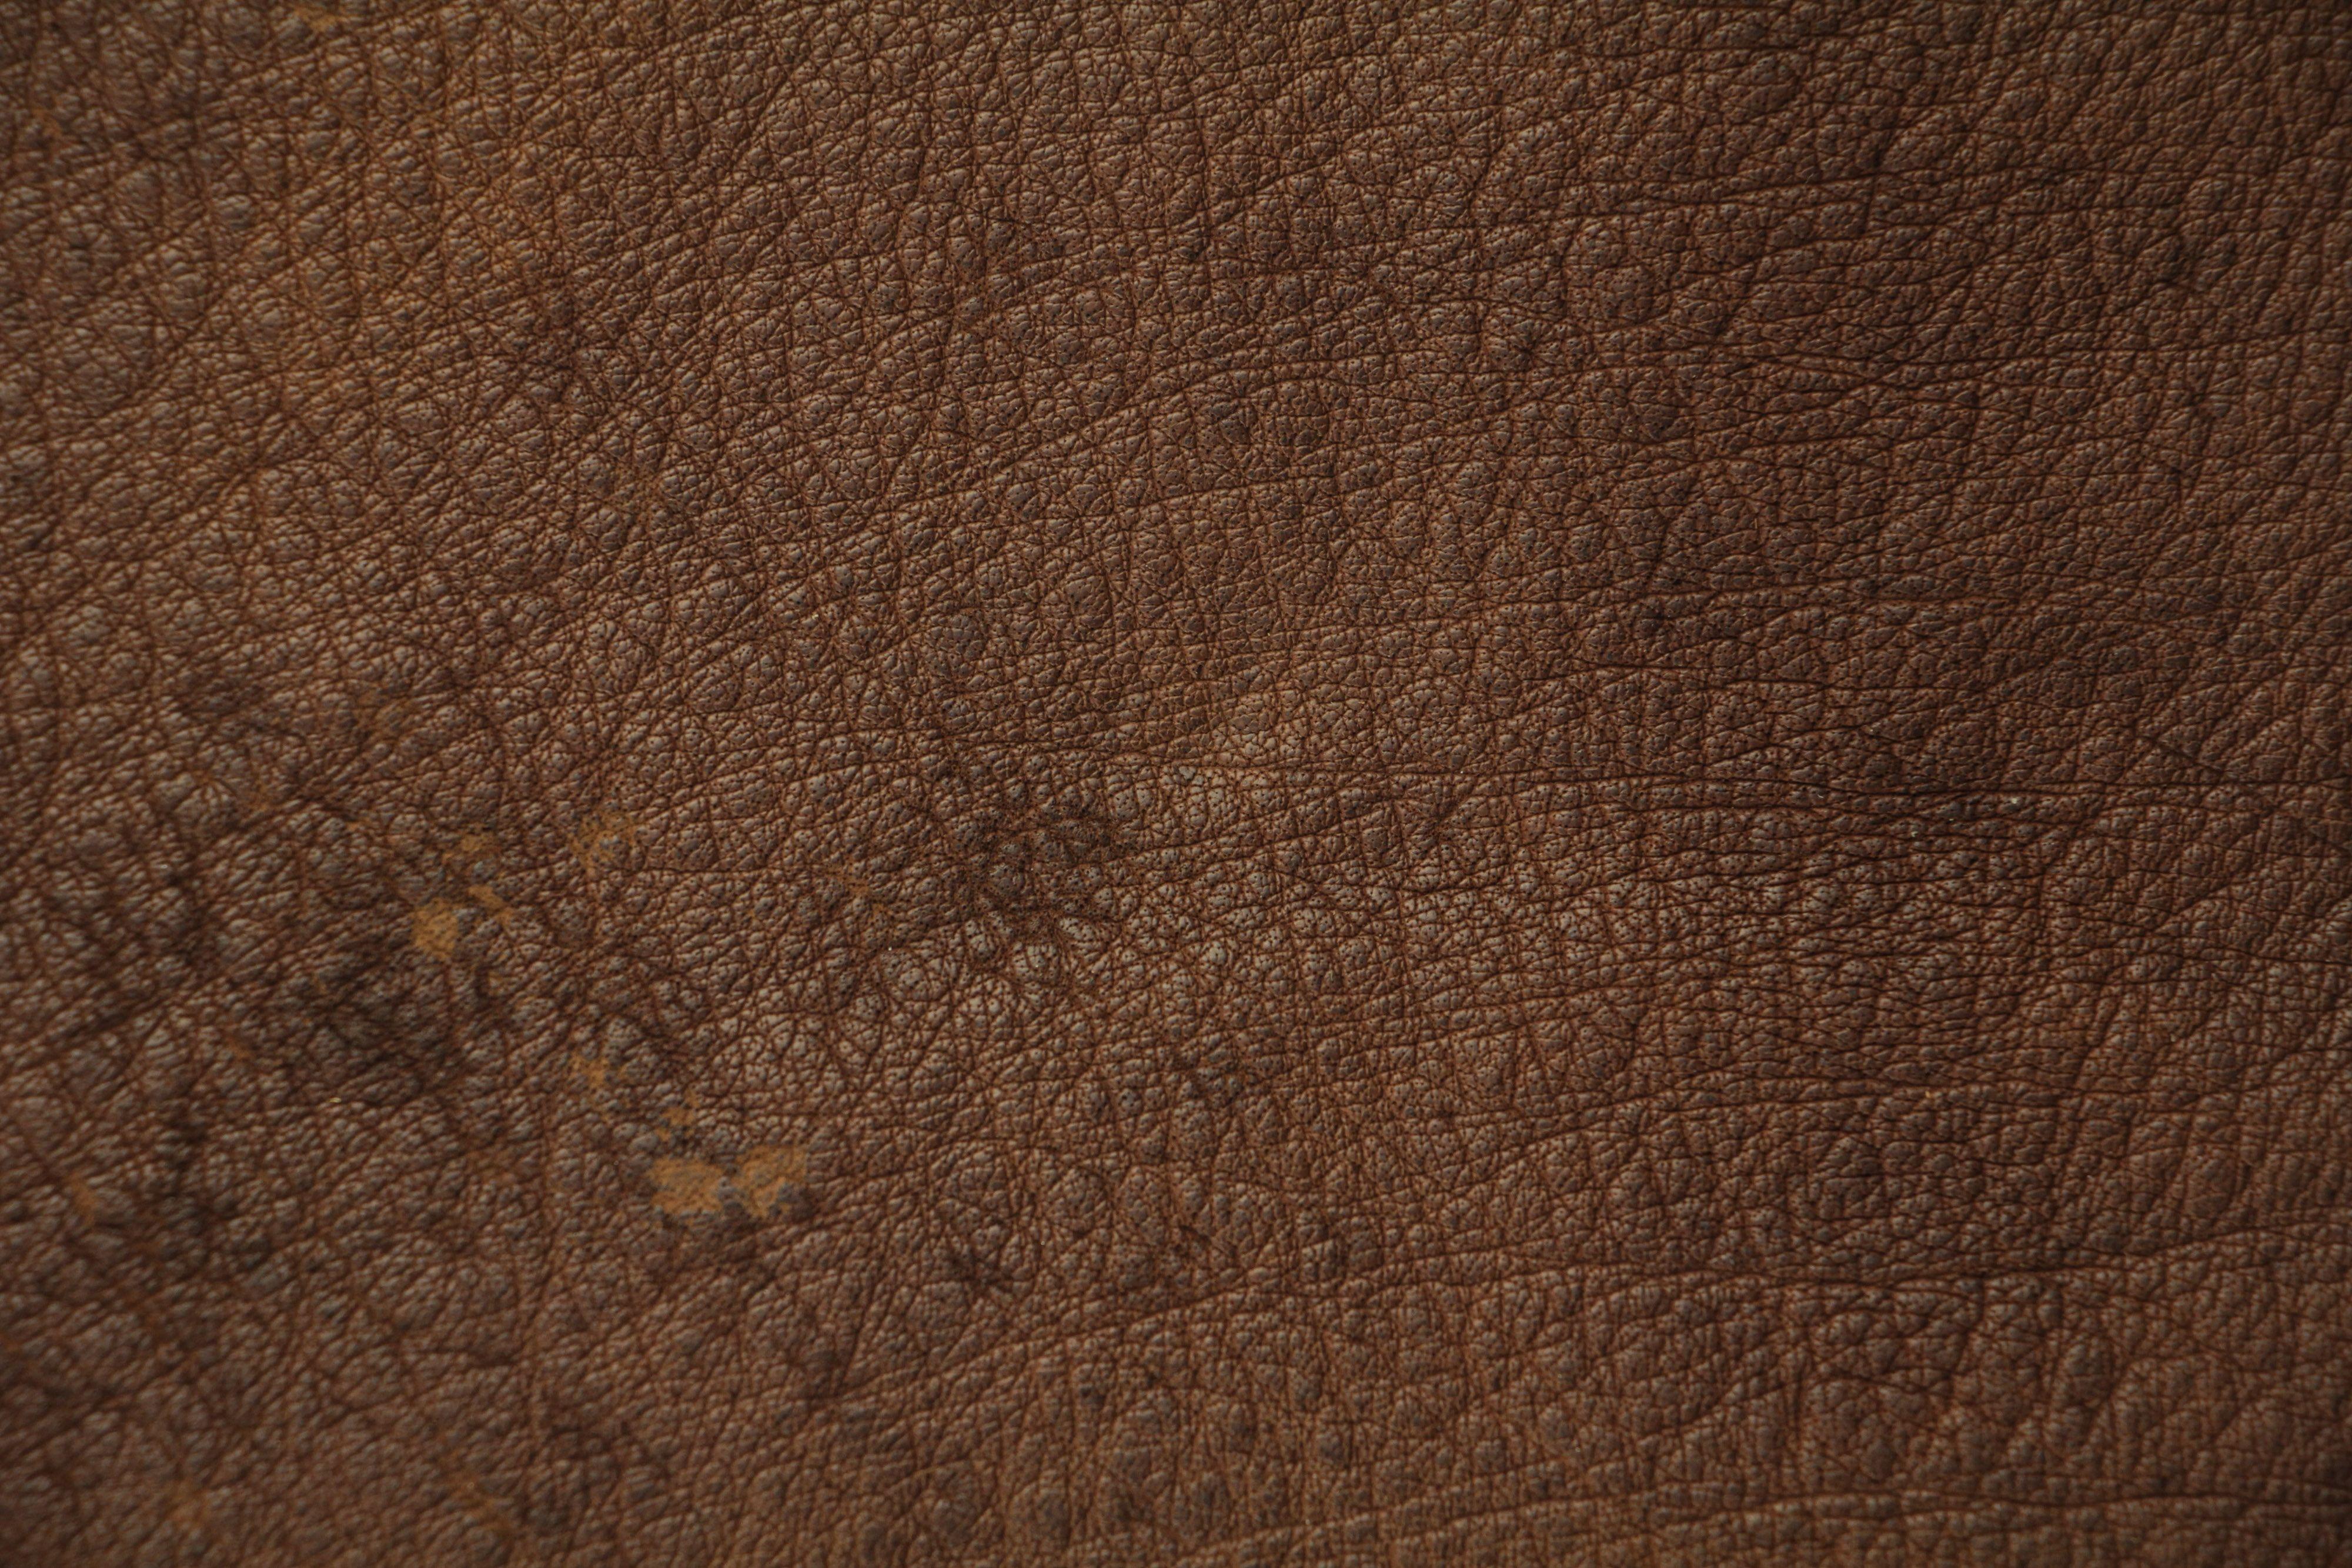 Pin By Vasya Sashin On Textures Leather Texture Texture